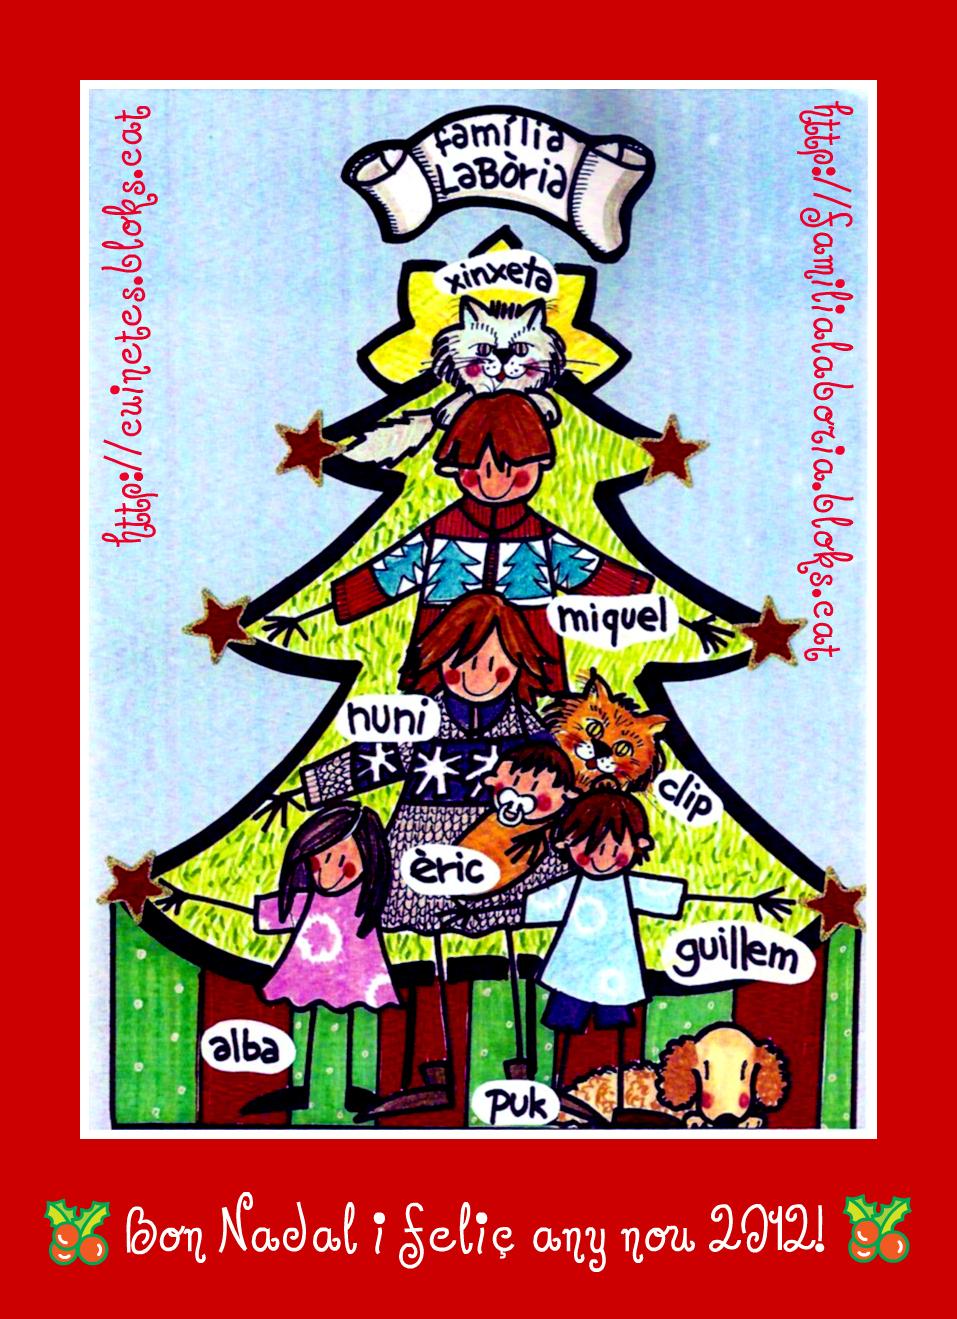 Bon Nadal i feliç 2012!!!